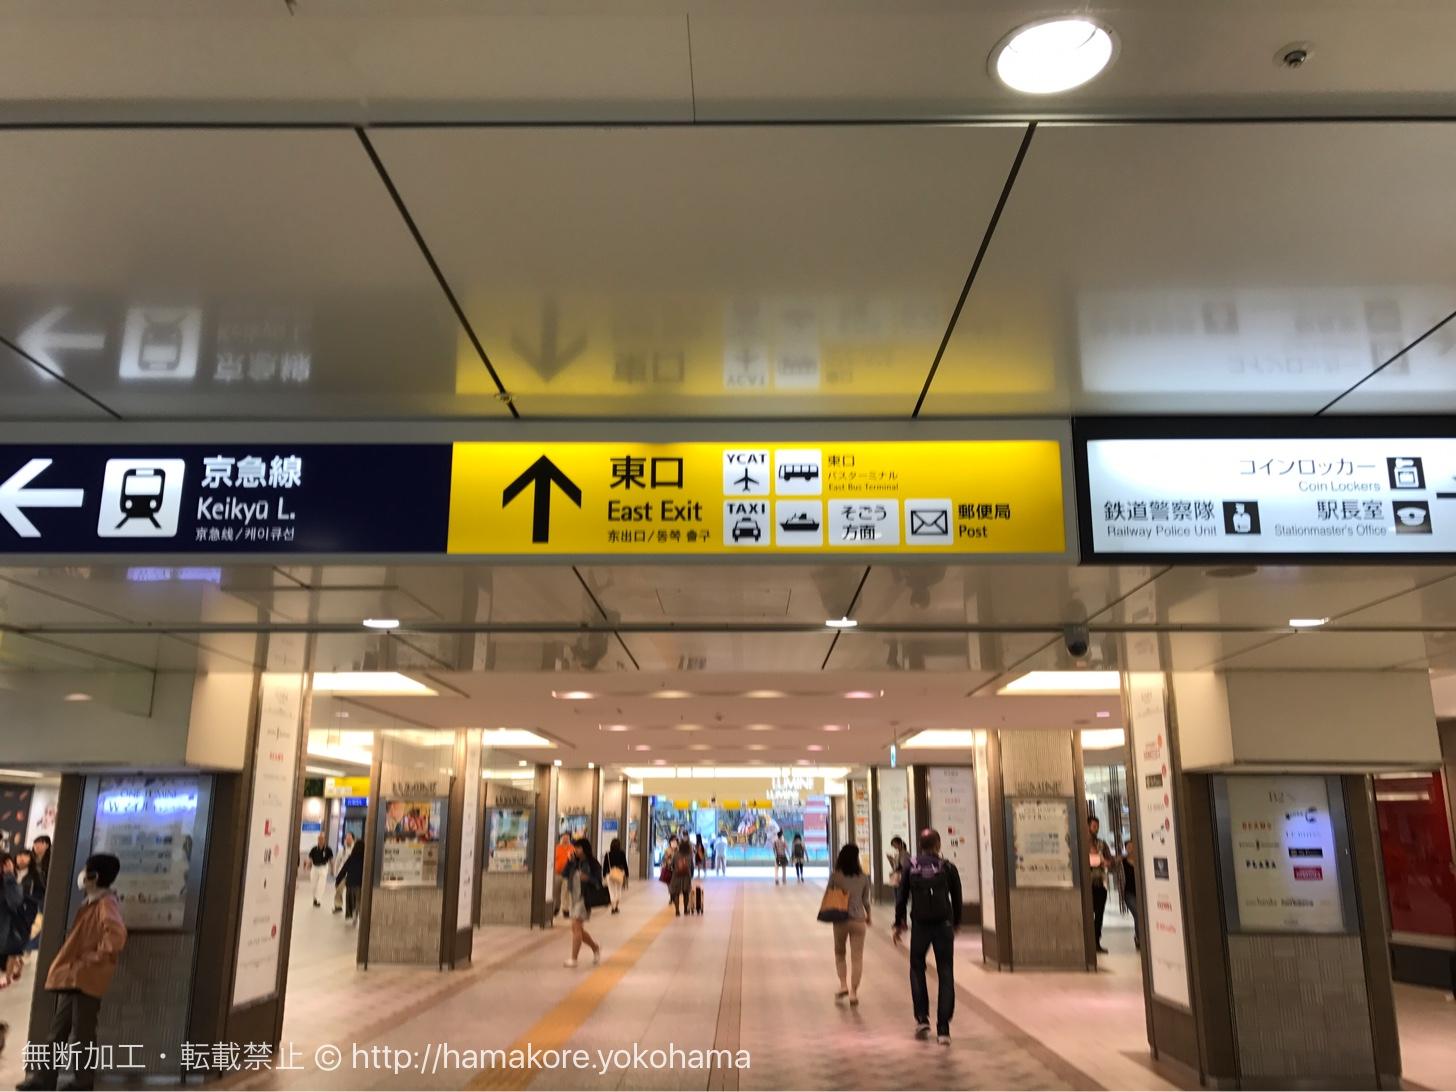 横浜駅 中央通路 東口案内板